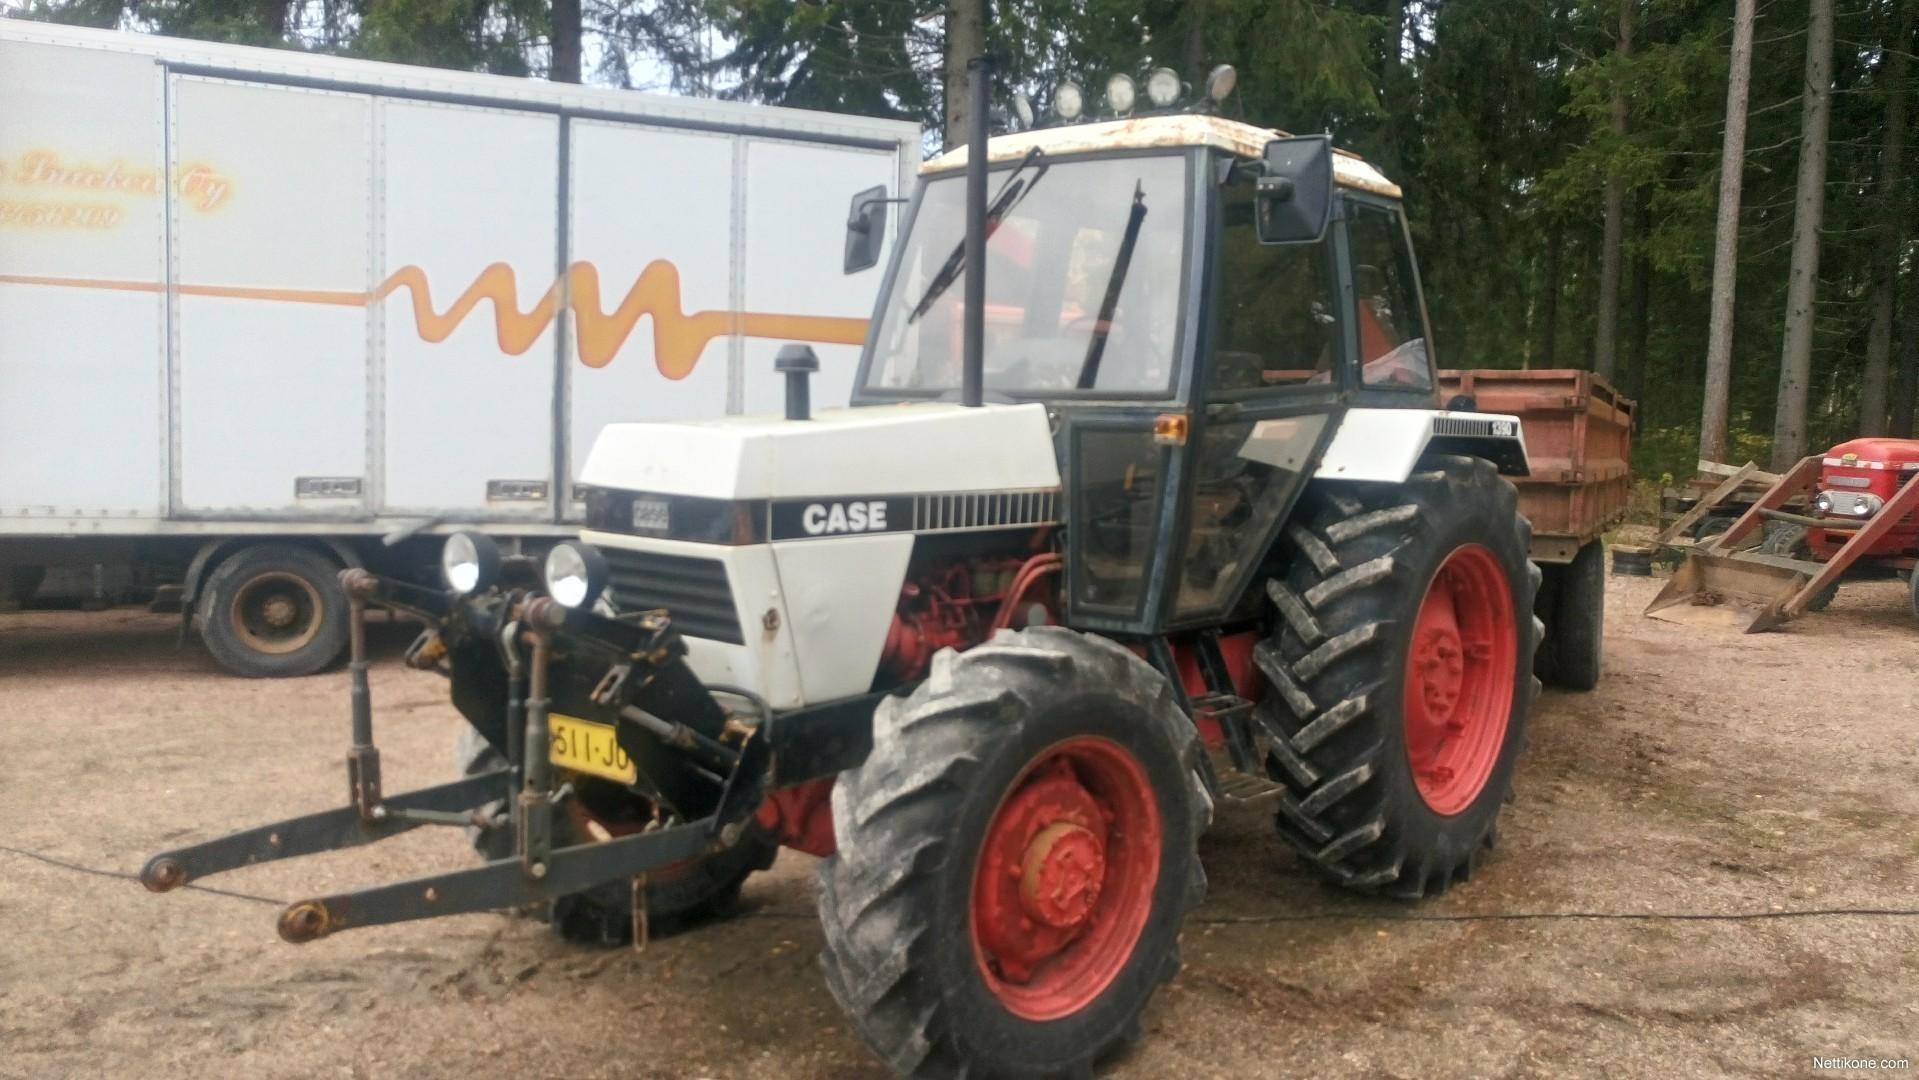 1982 Case Tractors : Case tractors nettikone